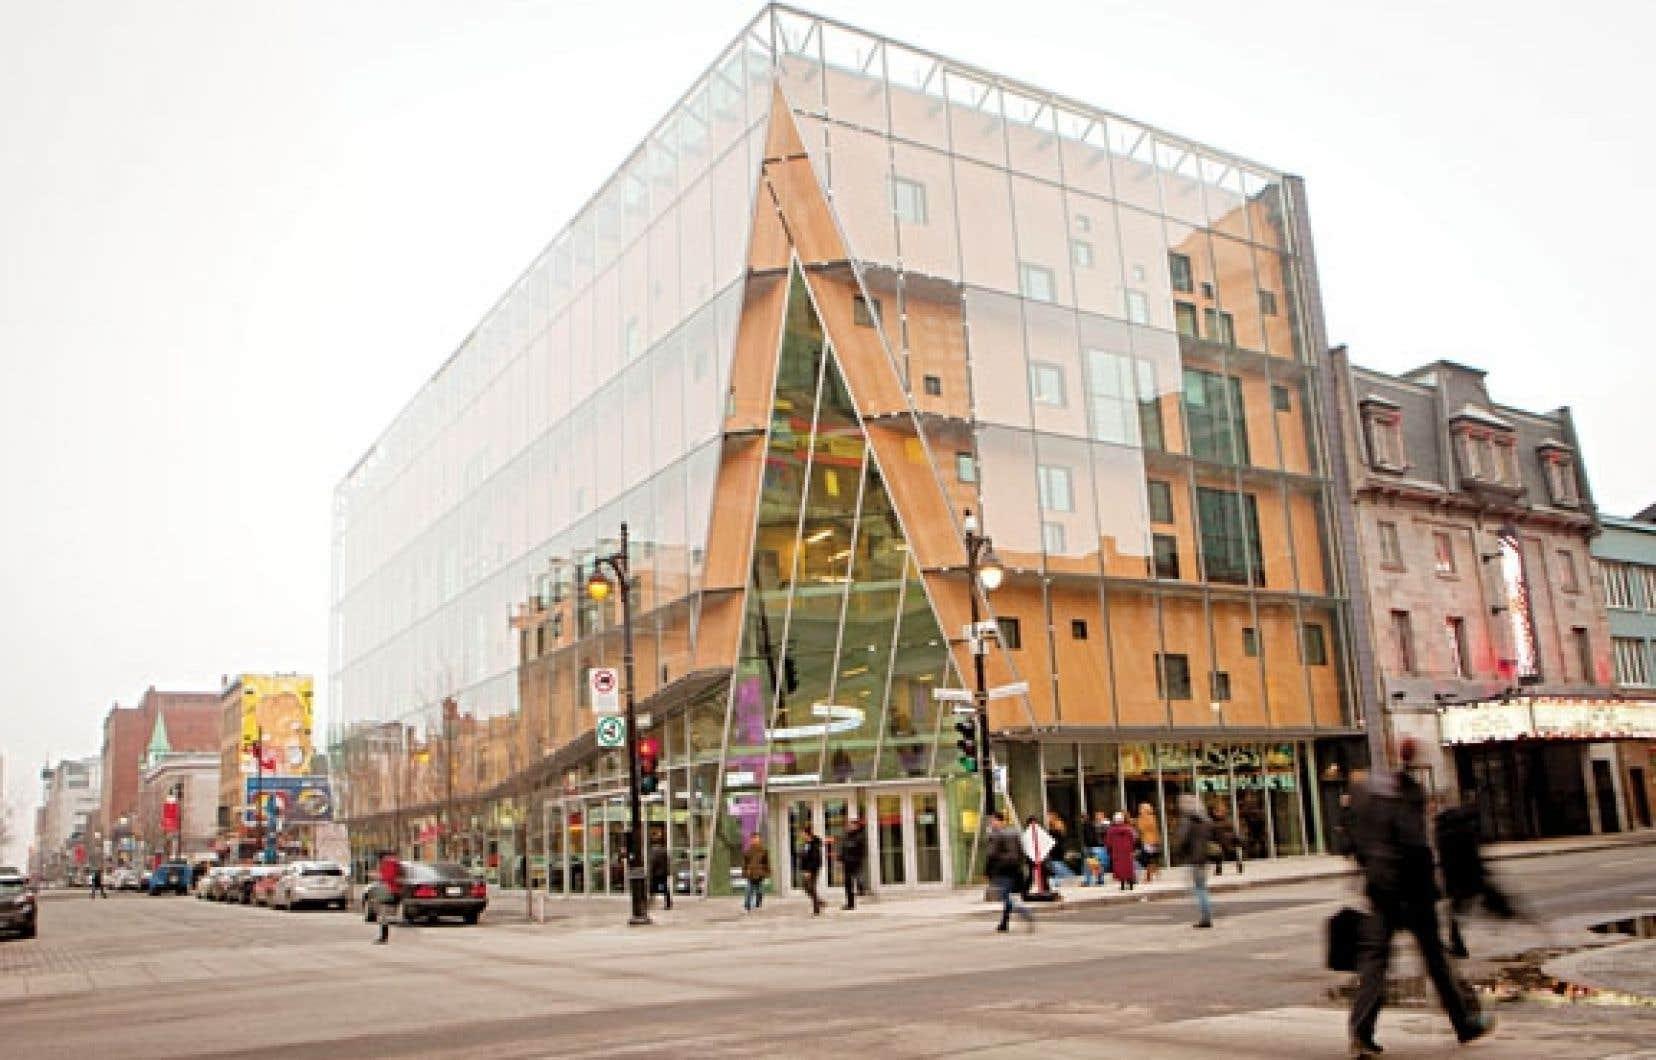 Le paysage du centre-ville de Montréal et, dans une plus large mesure, celui de la diffusion artistique, ne sont plus les mêmes depuis l'apparition, le printemps dernier, du 2-22. Inévitable, il est présent sur toutes les tribunes.